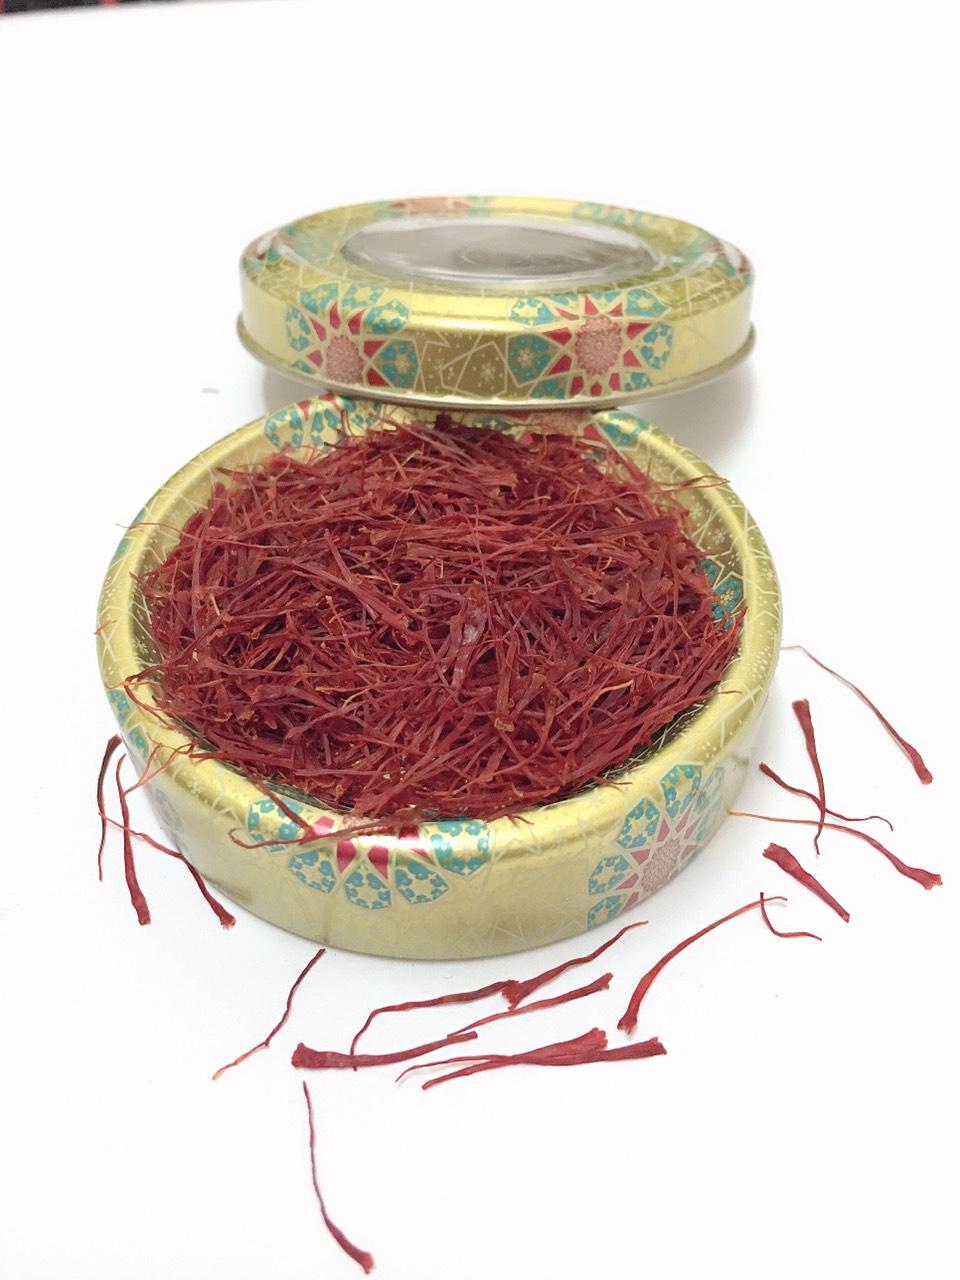 Saffron - Nhuỵ Hoa Nghệ Tây Loại 1 (Super Negin) Đang Khuyến Mãi